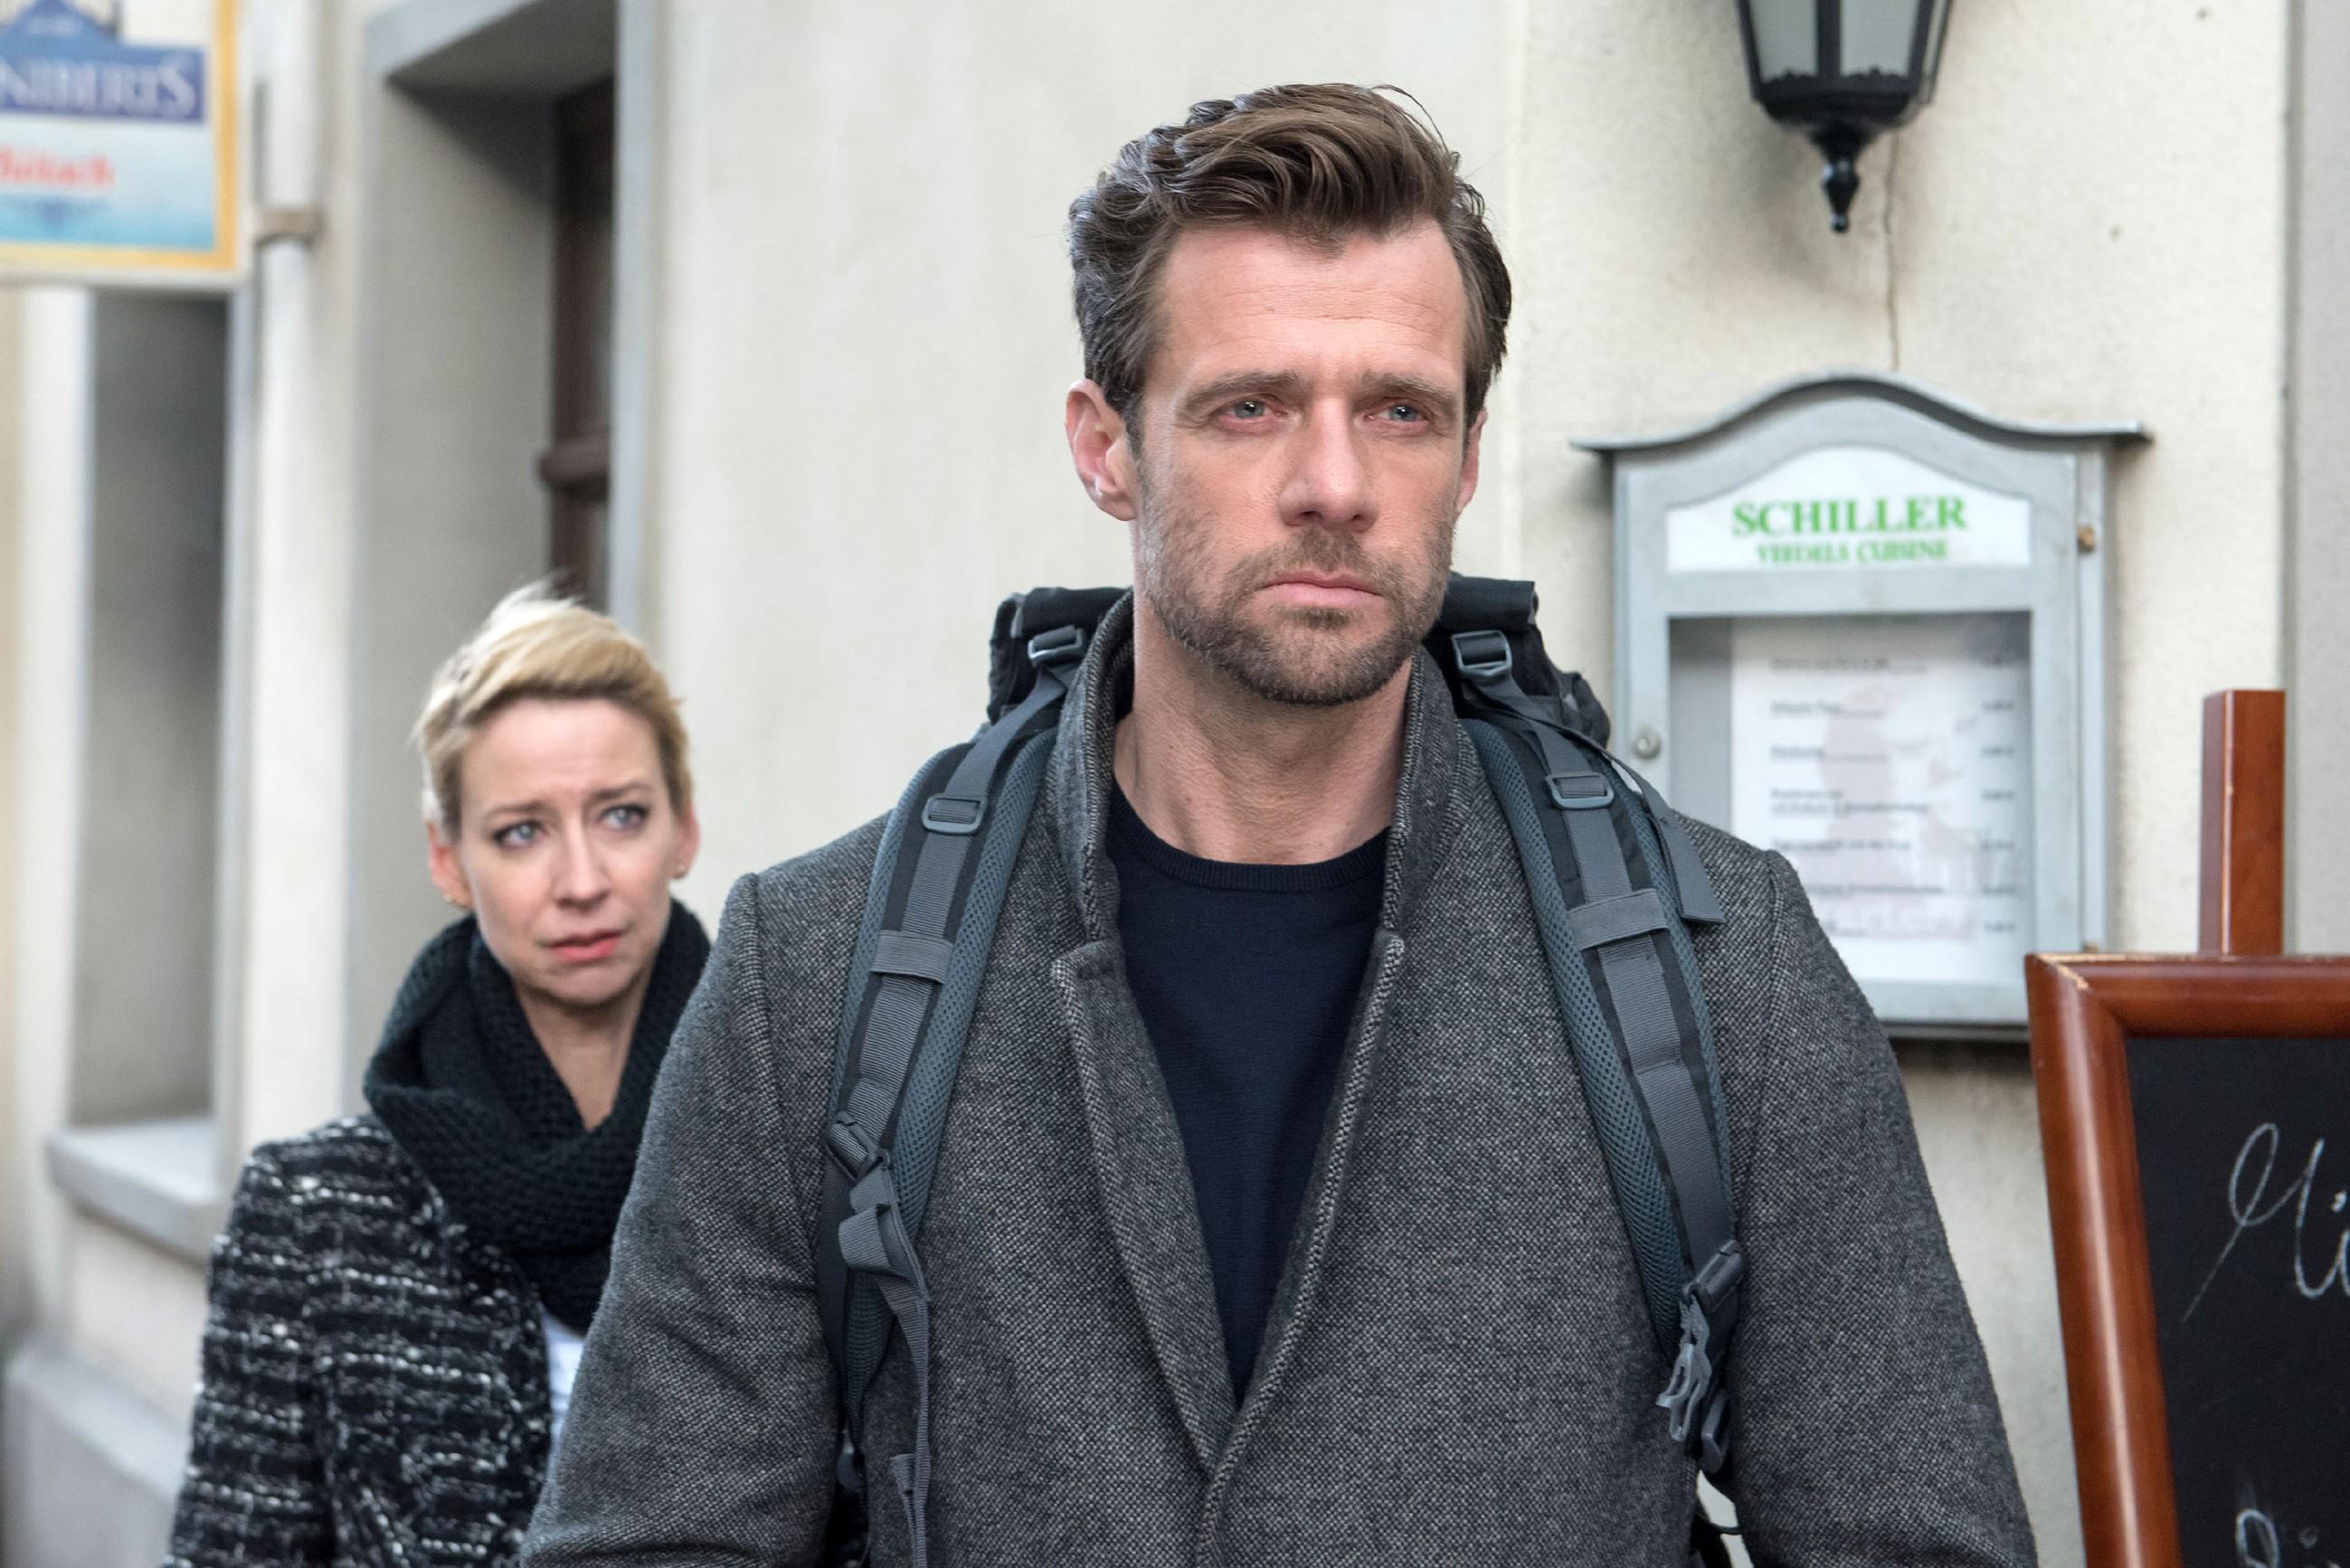 Ute (Isabell Hertel) hält Henning (Benjamin Kiss) nicht auf, als dieser mit gebrochenem Herzen die Schillerallee verlässt... (Quelle: RTL / Stefan Behrens)